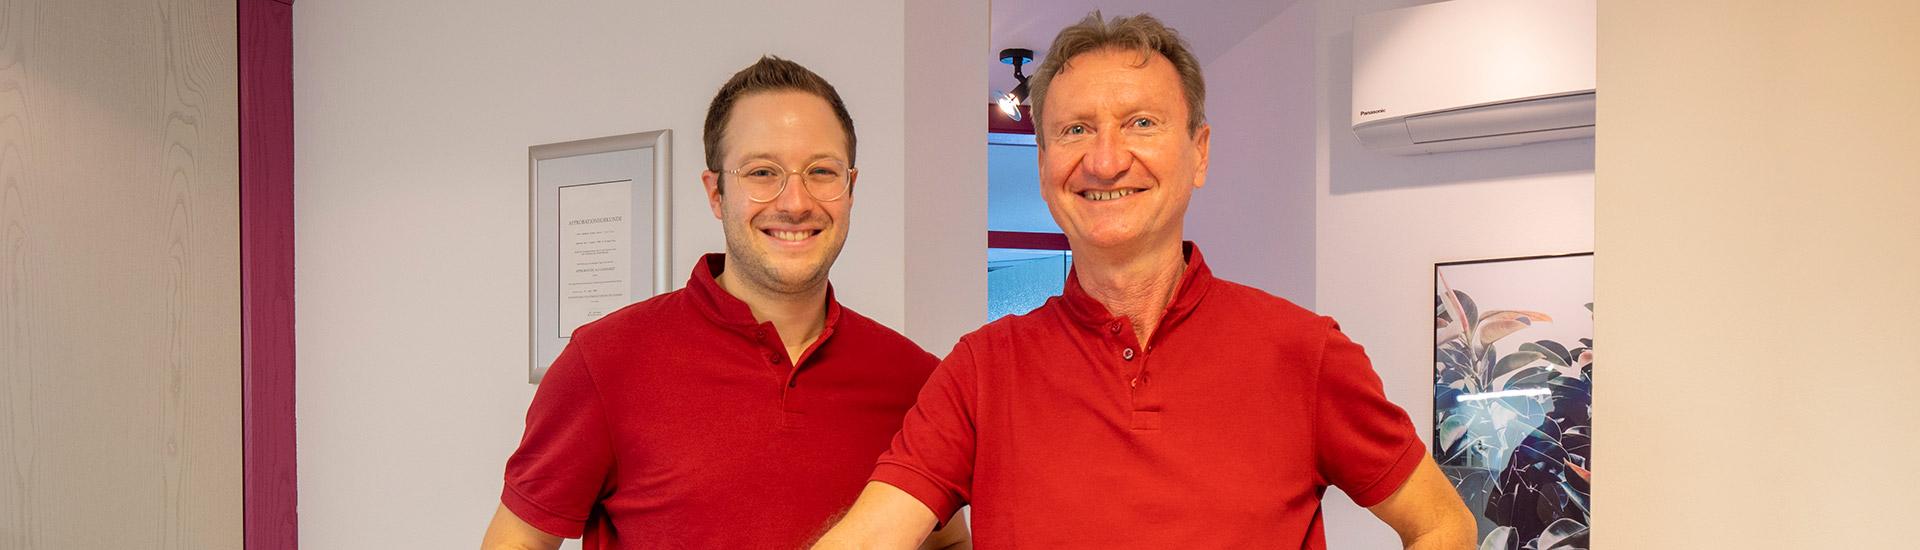 Zahnarzt Dr. Bauer und Zahnarzt Dr. Herzog in Essenbach bei Landshut